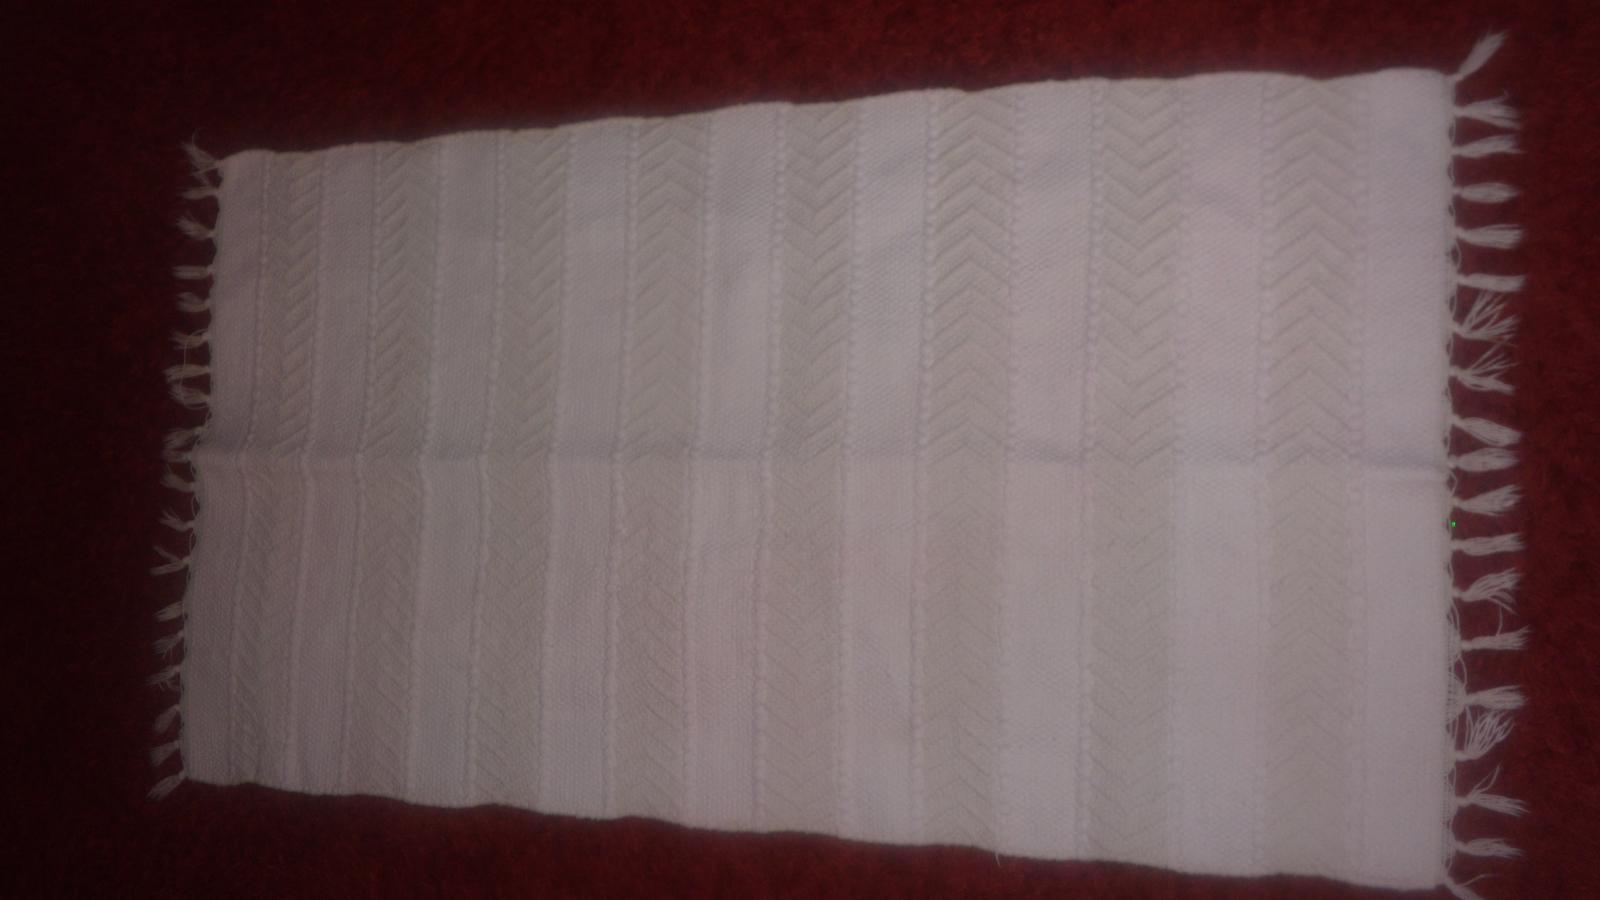 koberček biely tkaný kvalitný - Obrázok č. 1